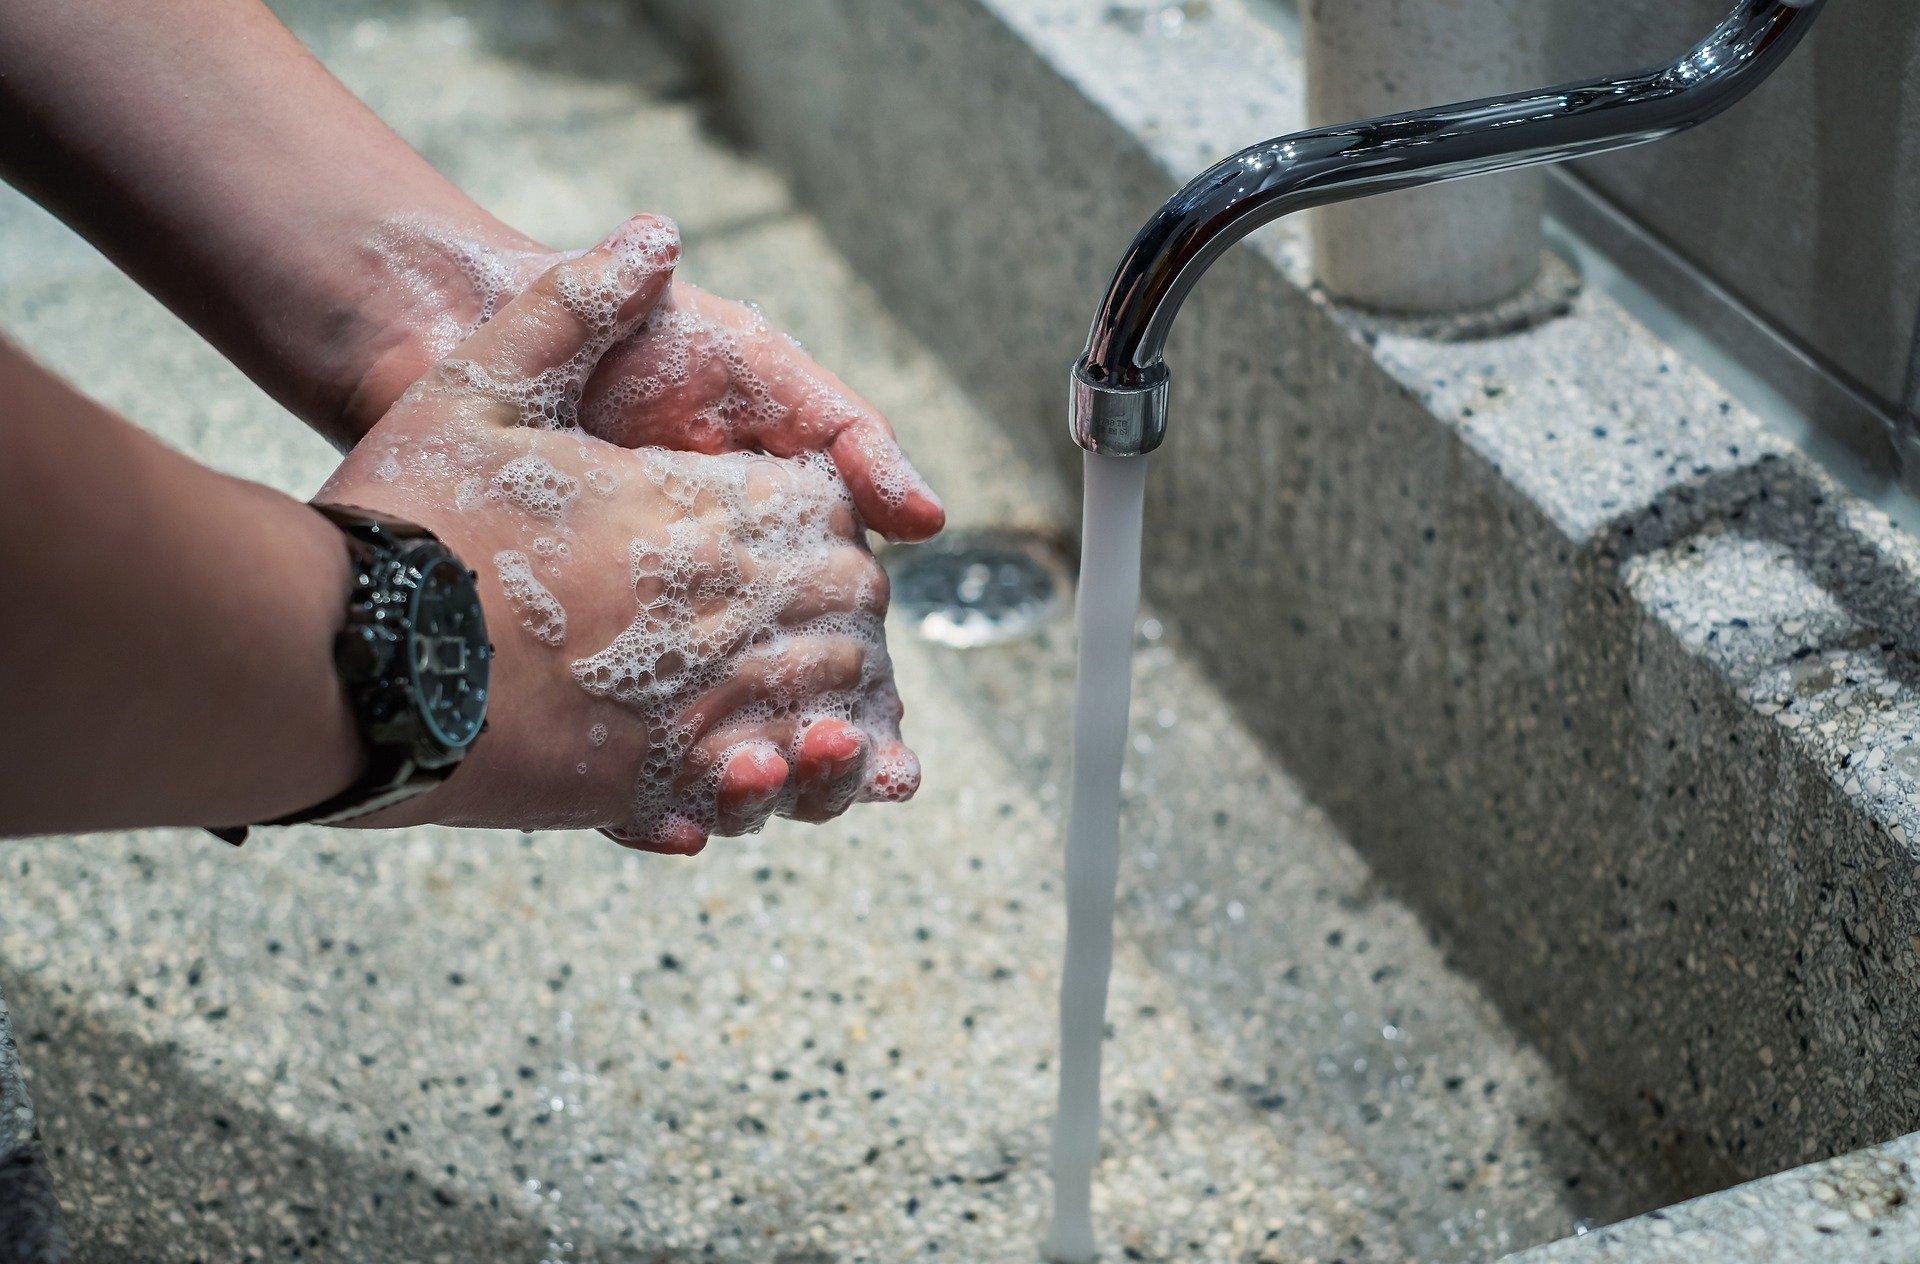 Umývání rukou jako prevence přenosu chorob nestačí